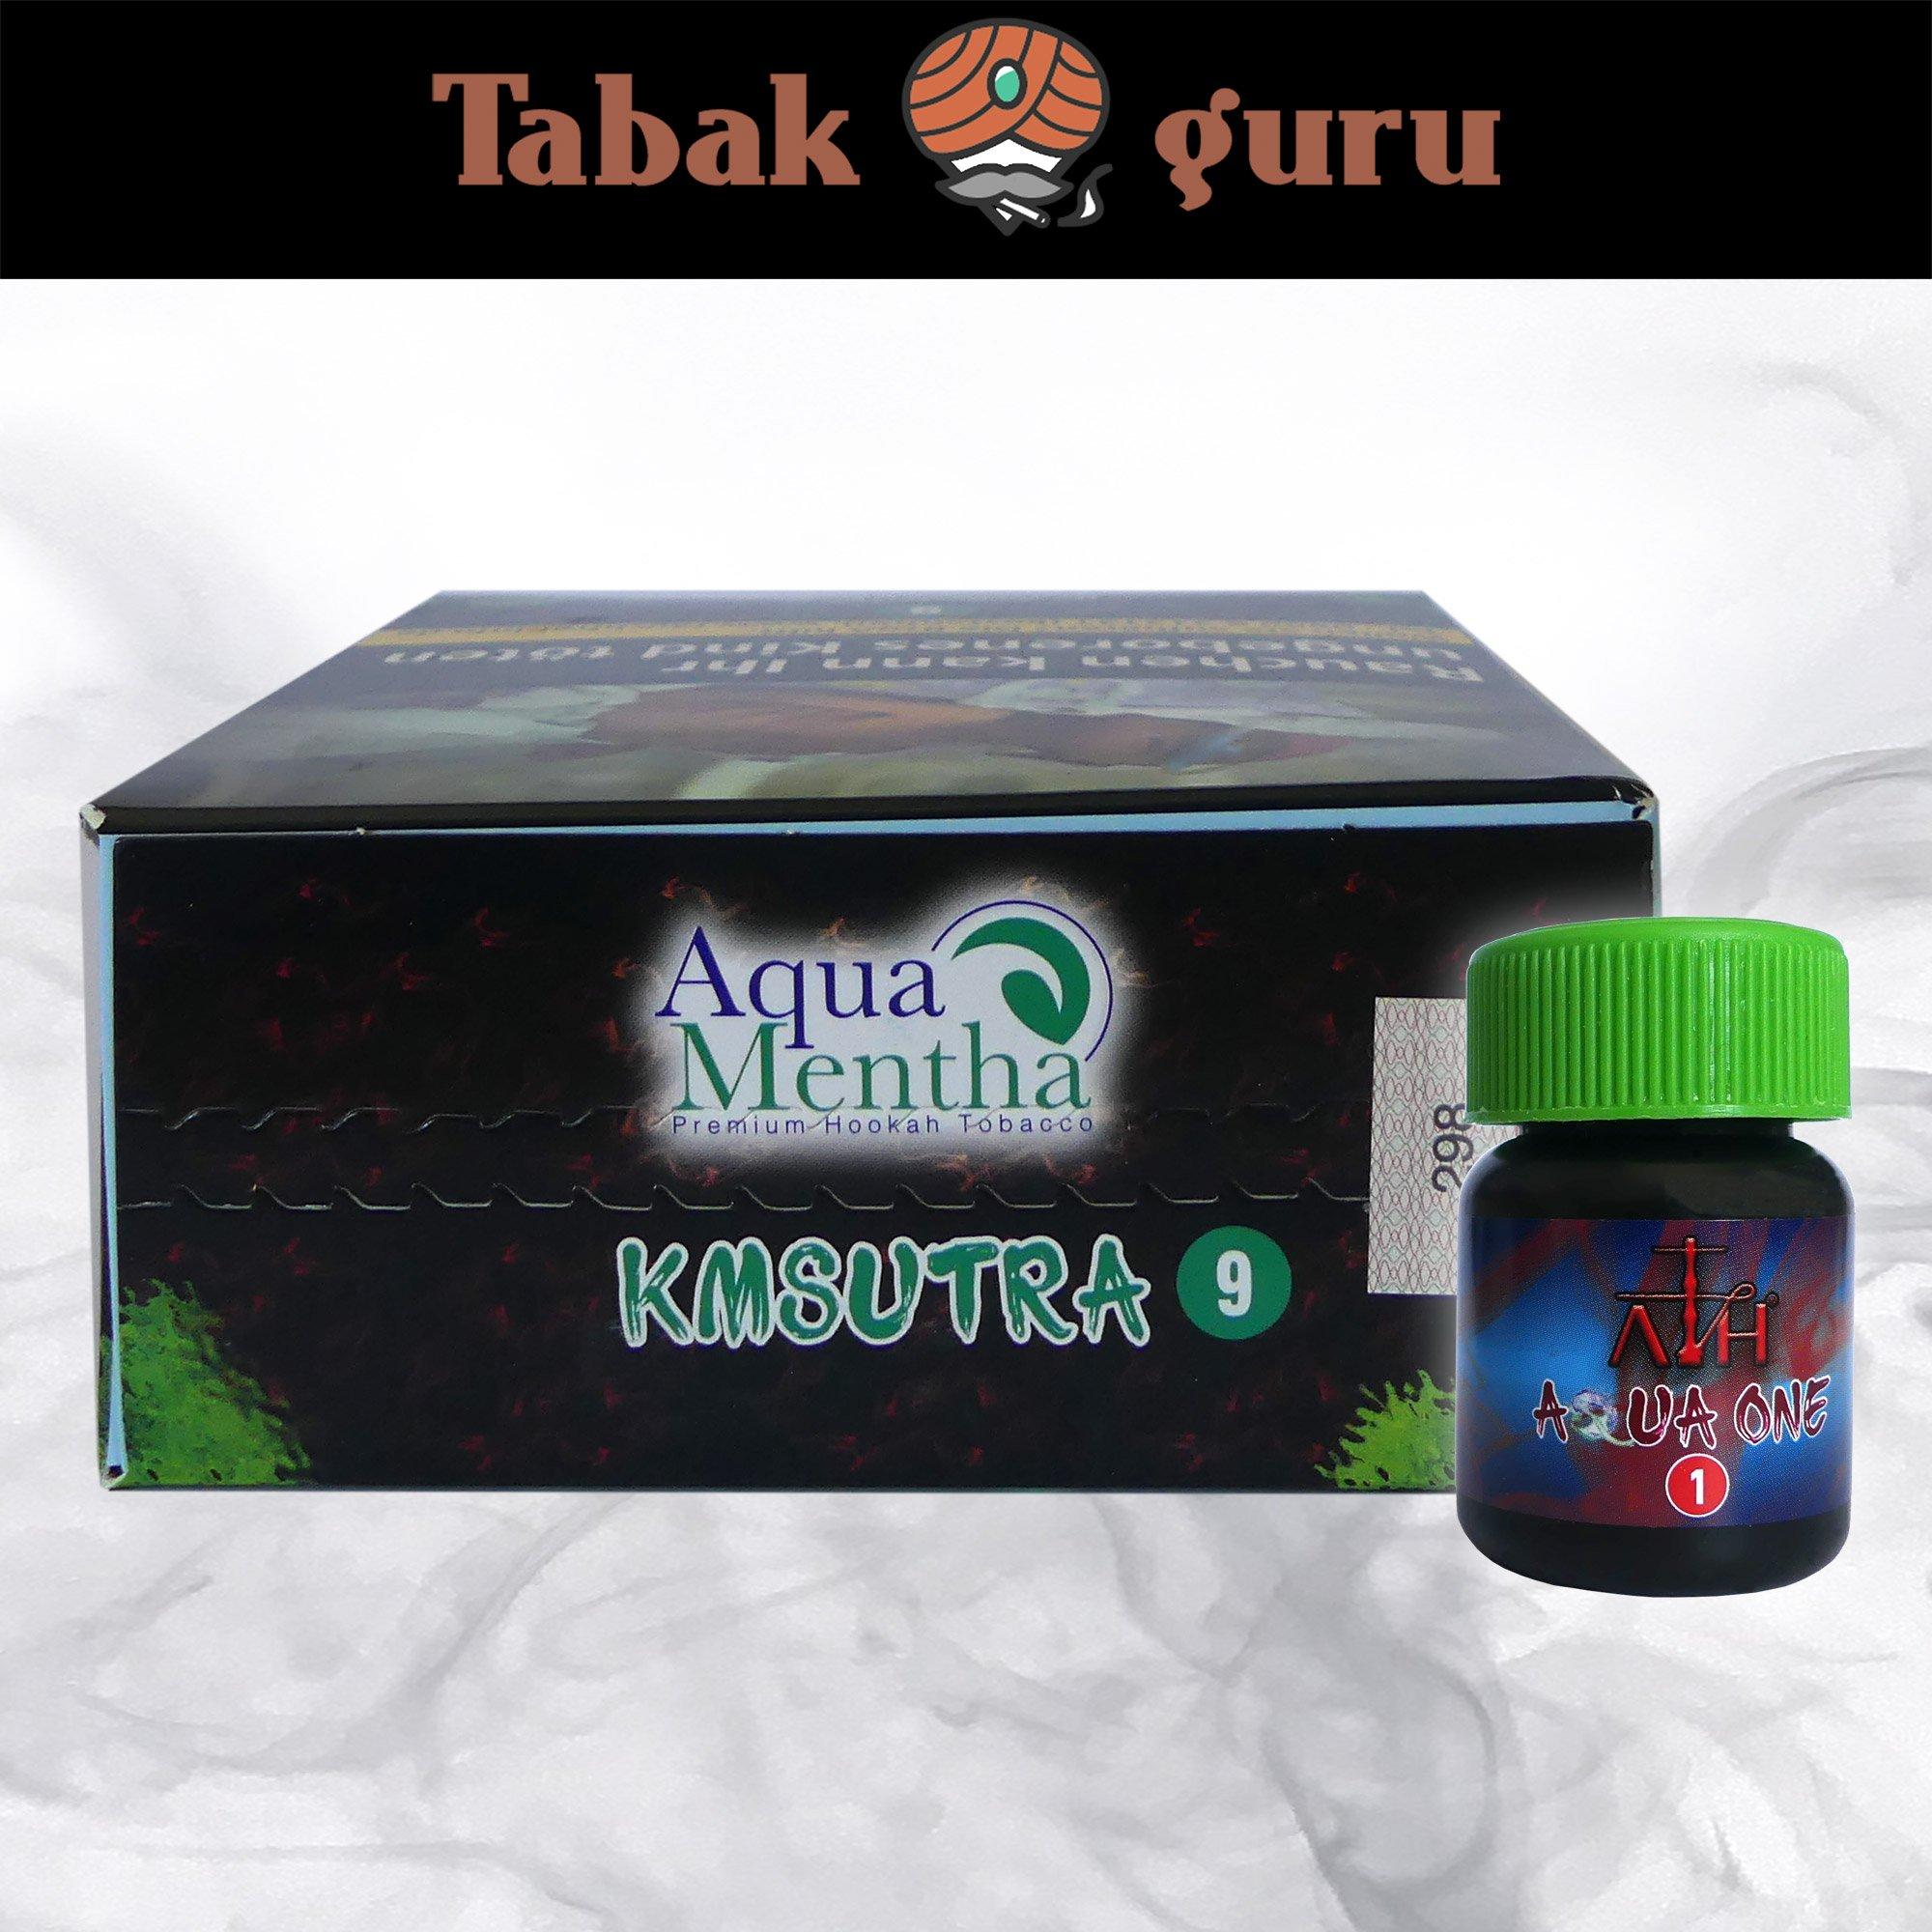 Aqua Mentha KMSUTRA #9 200g Shisha Tabak + ATH Aqua One Mix